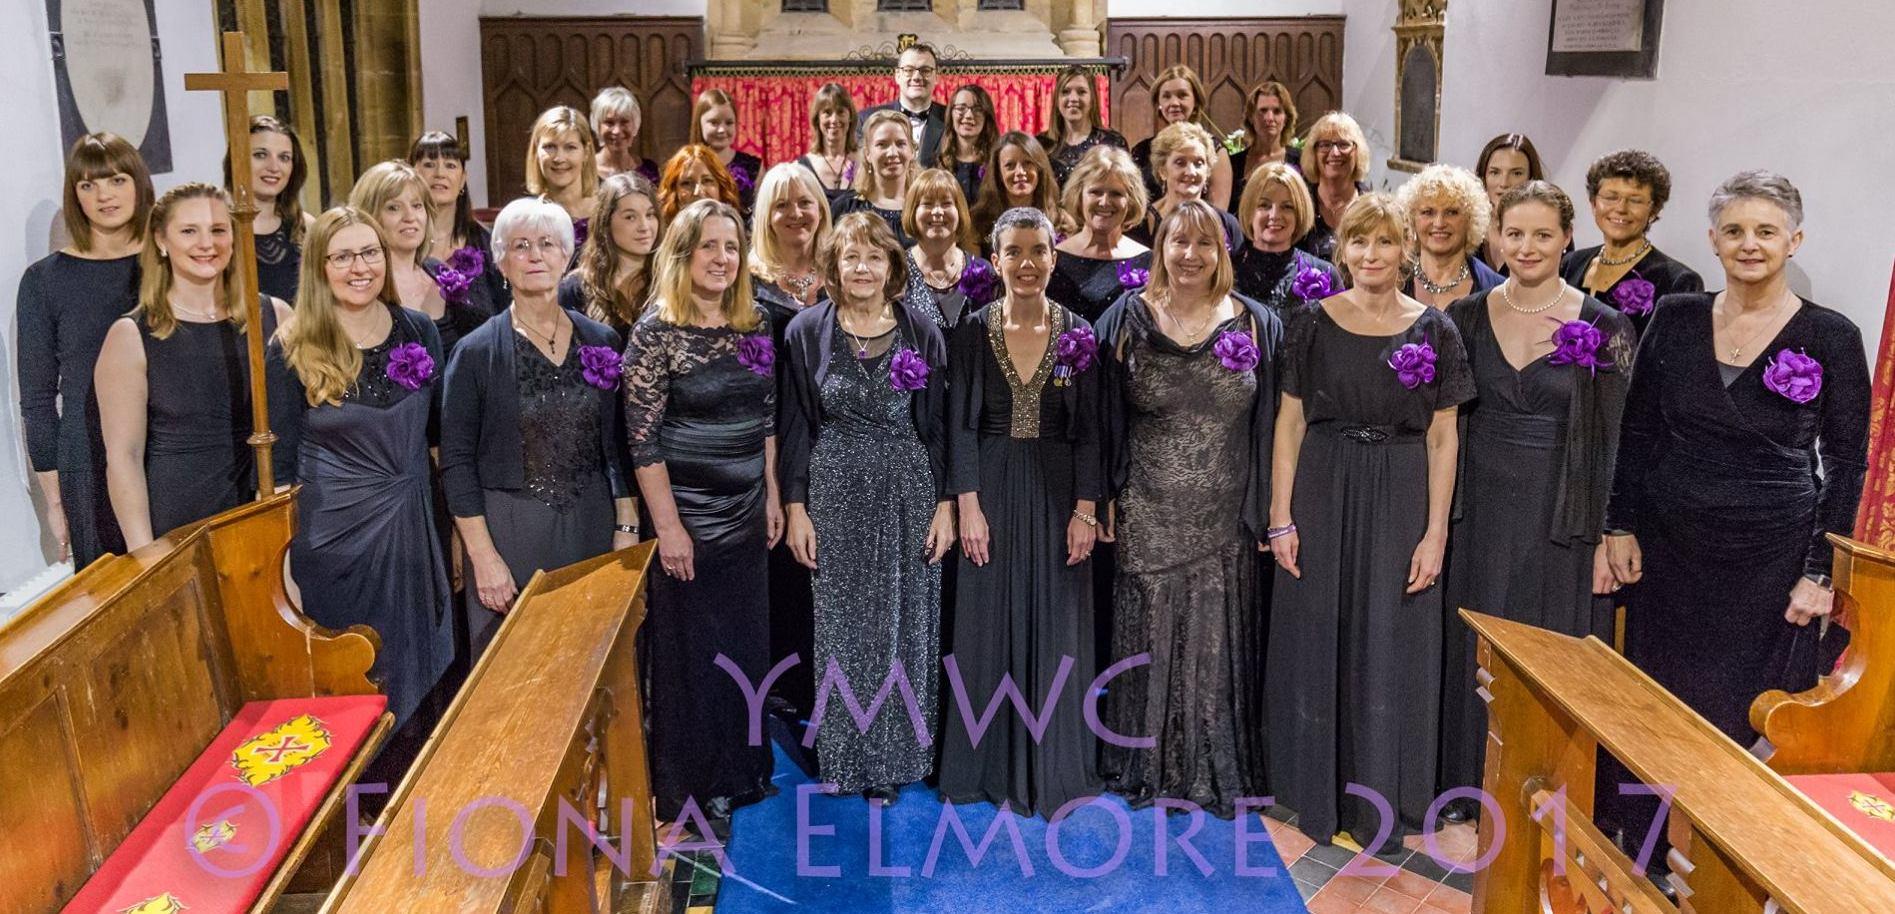 Military Wives Choir photo